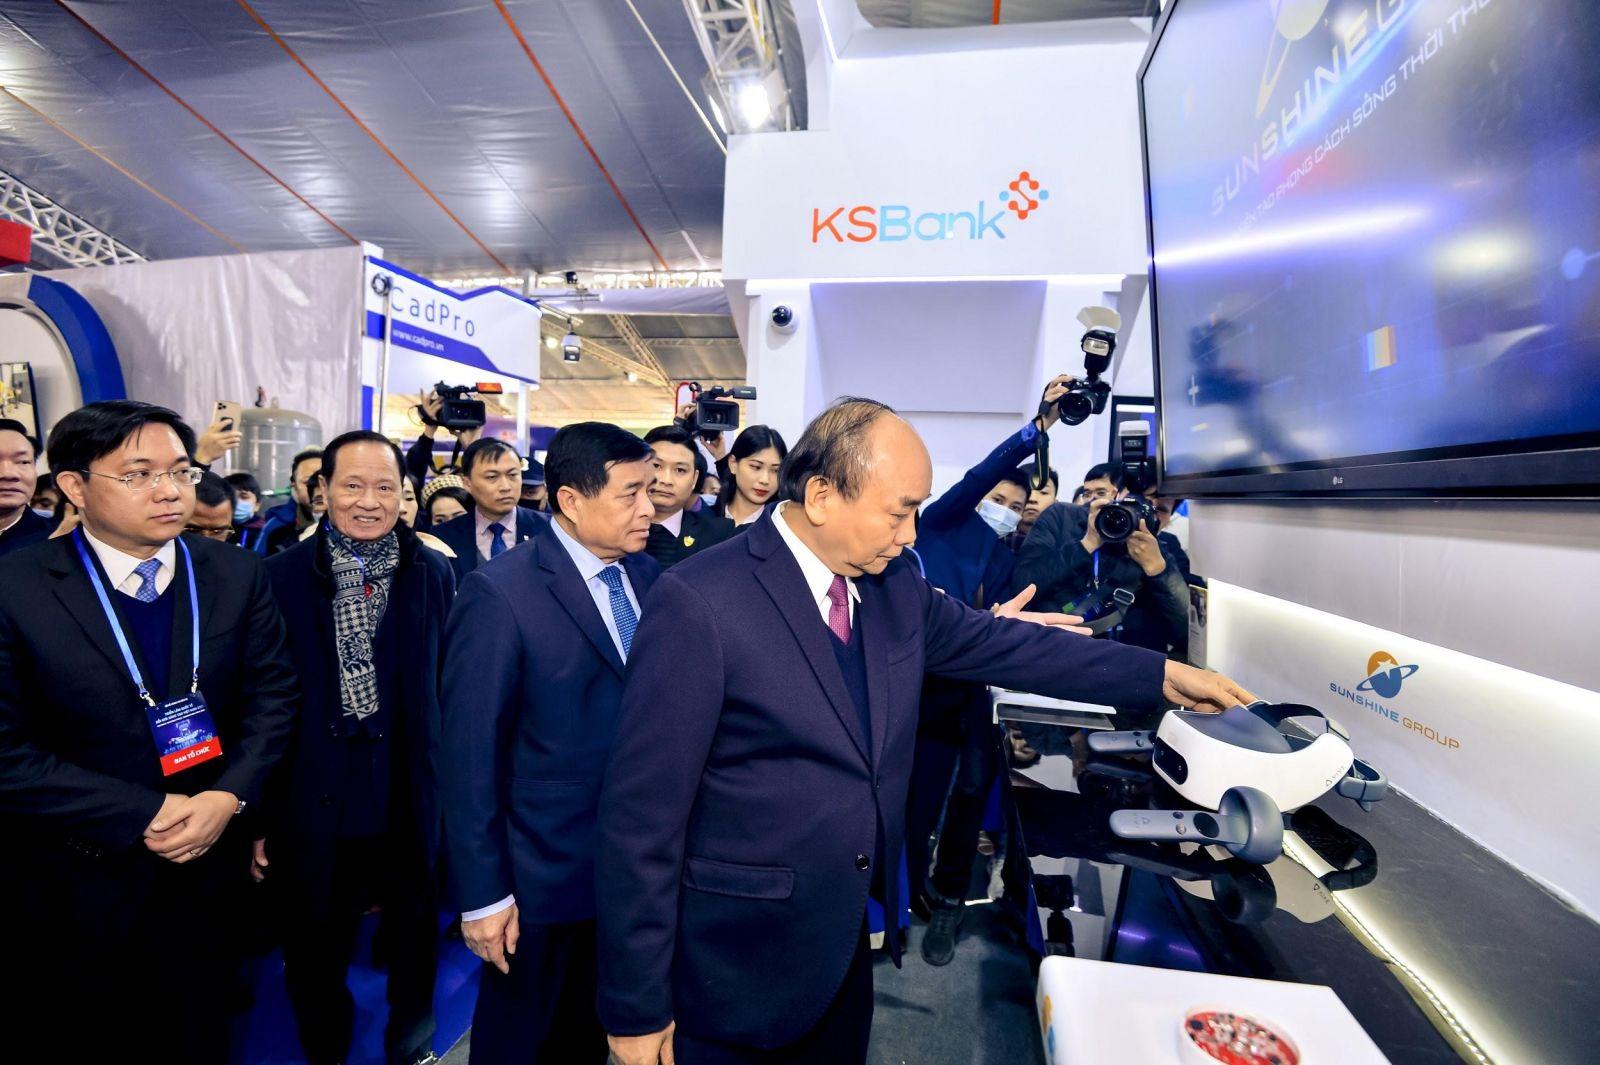 Thủ tướng Nguyễn Xuân Phúc, Bộ trưởng Nguyễn Chí Dũng cùng các lãnh đạo cấp cao ghé thăm khu vực trưng bày của Sunshine Group